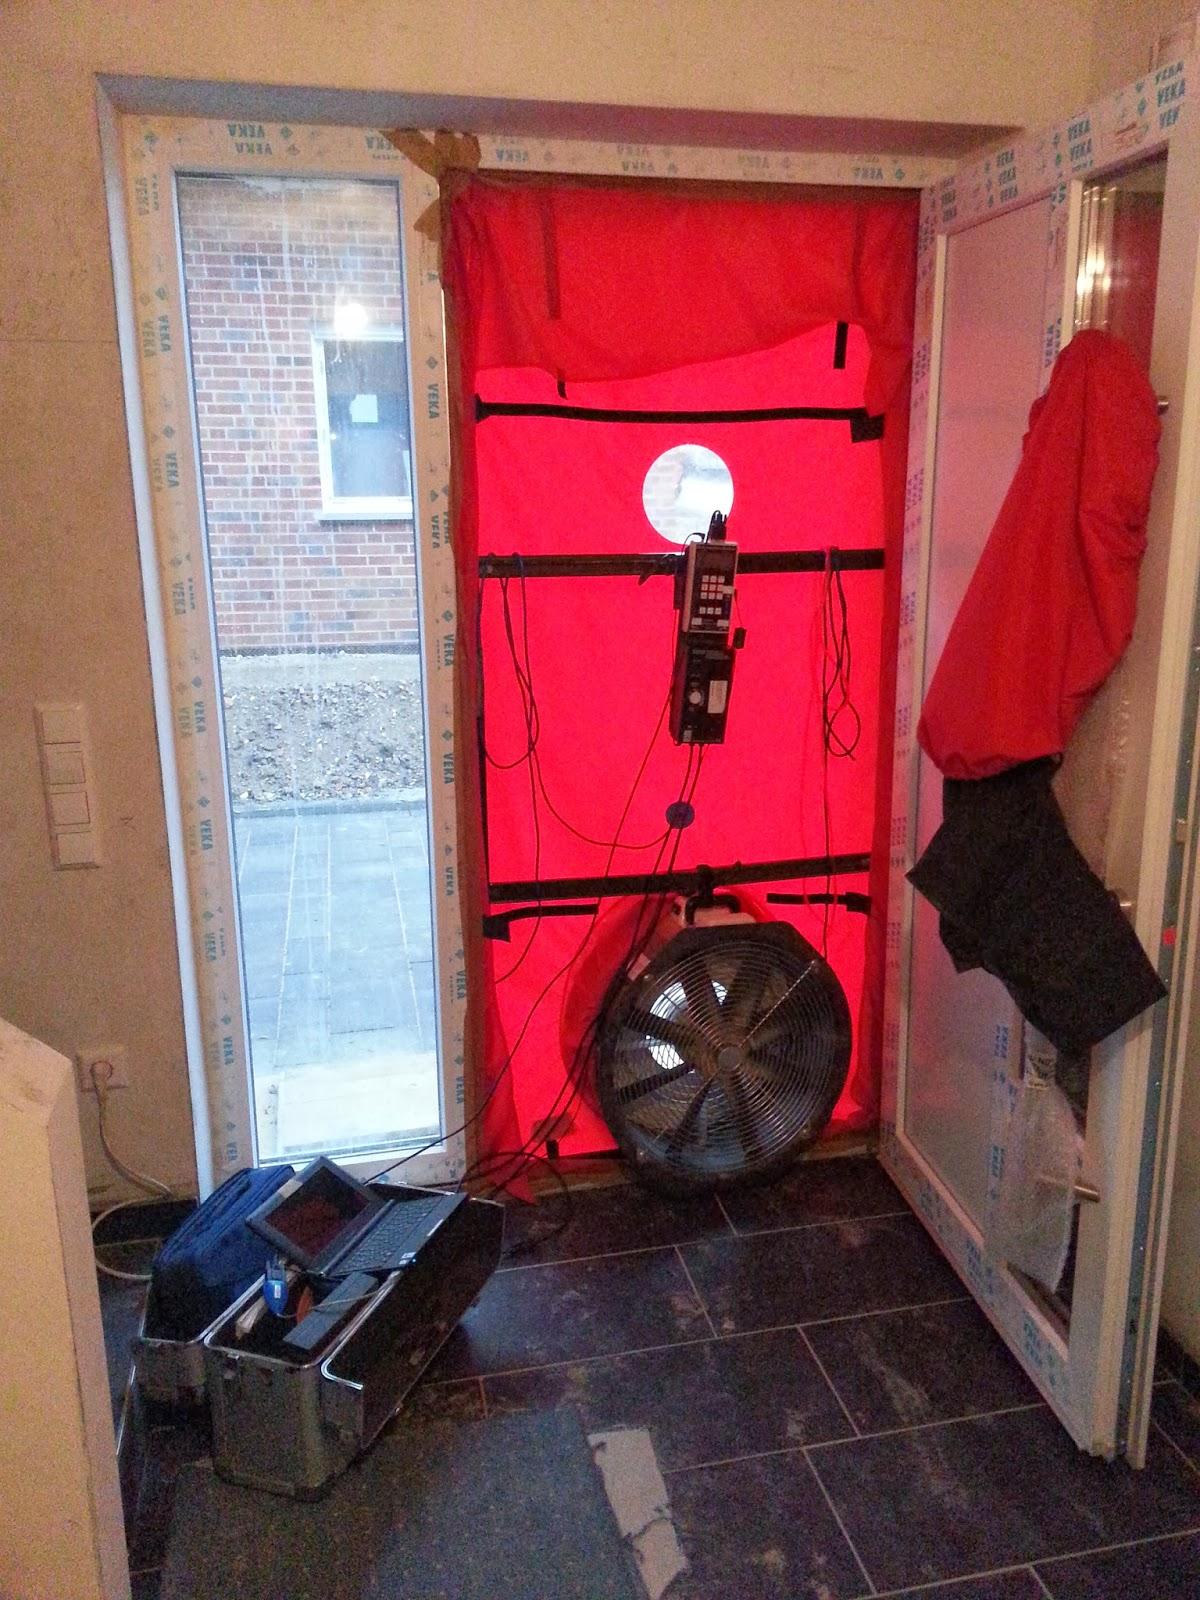 ralf natalie 39 s baublog n50 1 3 1 h oder das haus ist dicht. Black Bedroom Furniture Sets. Home Design Ideas